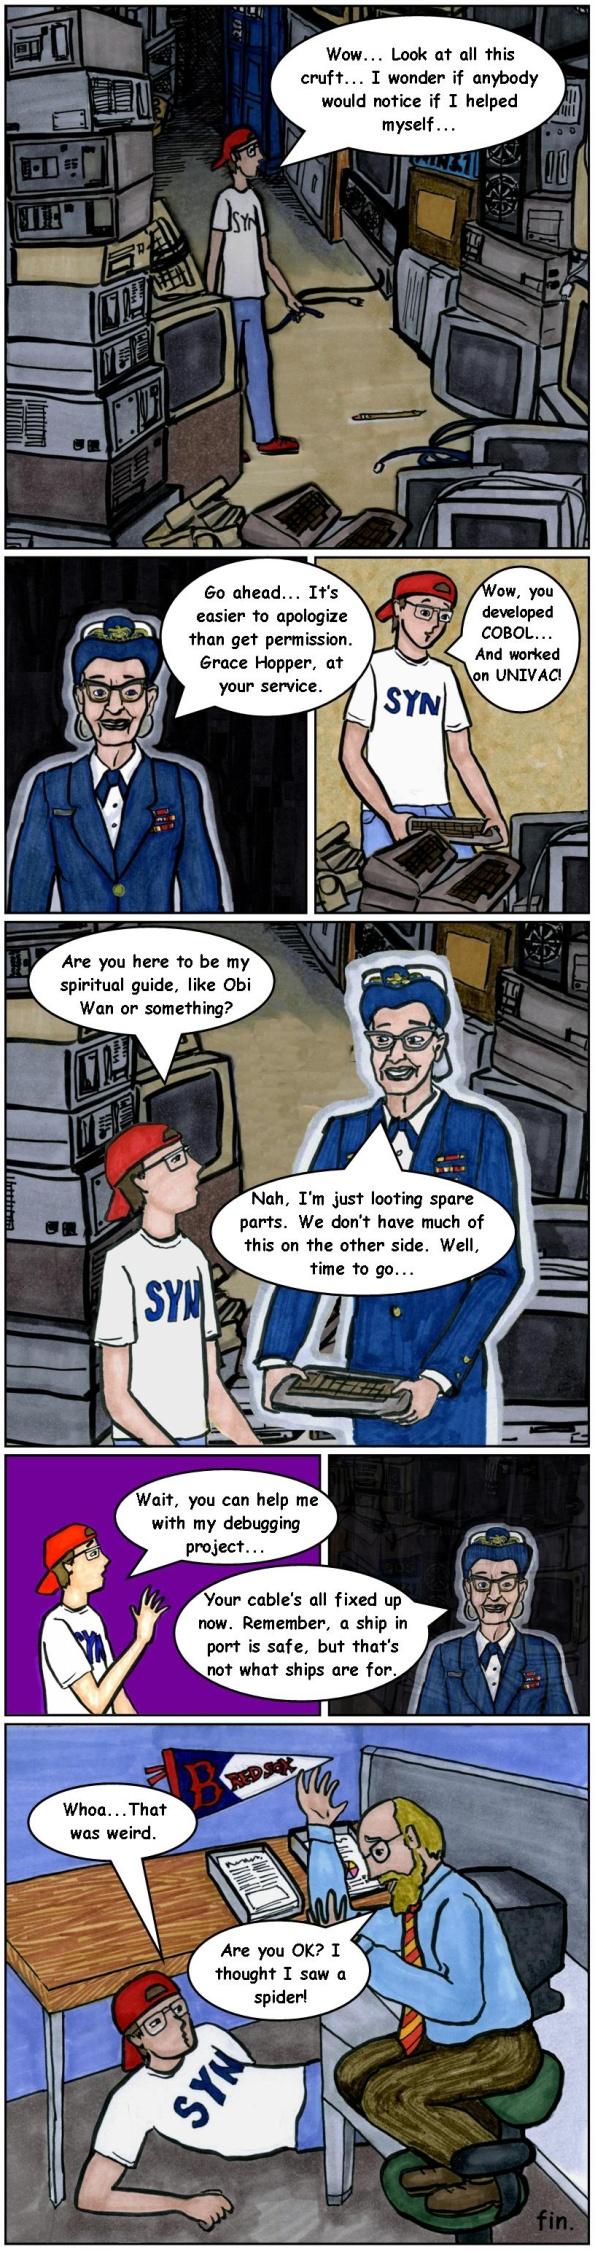 IT Guy cartoon Grace Hopper